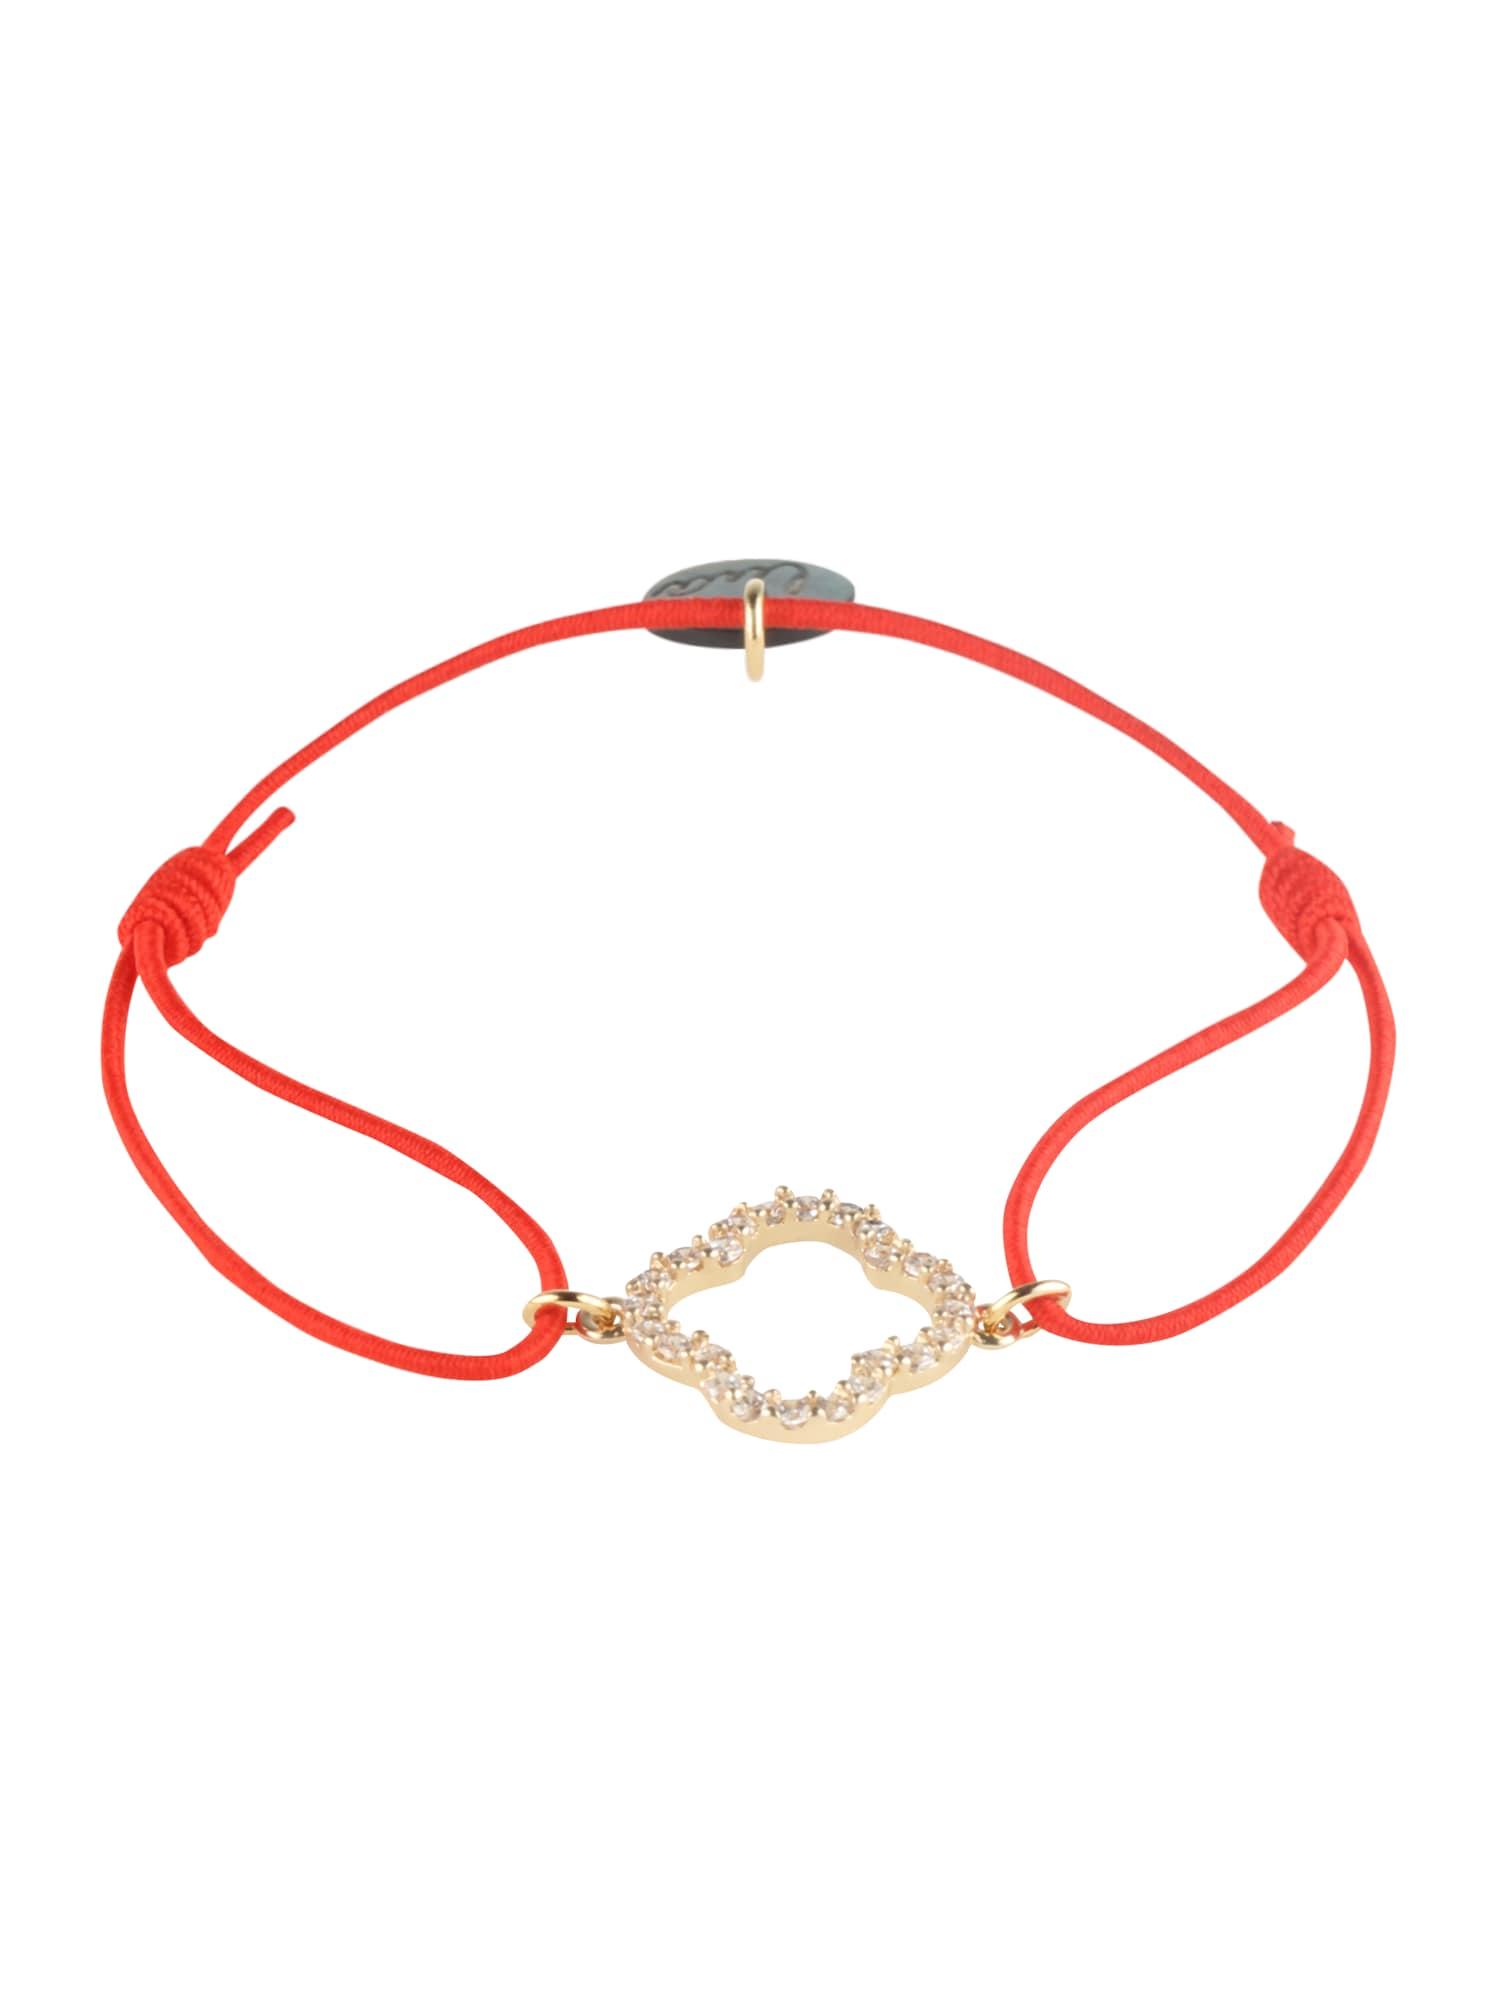 Náramek Floris zlatá červená Lua Accessories